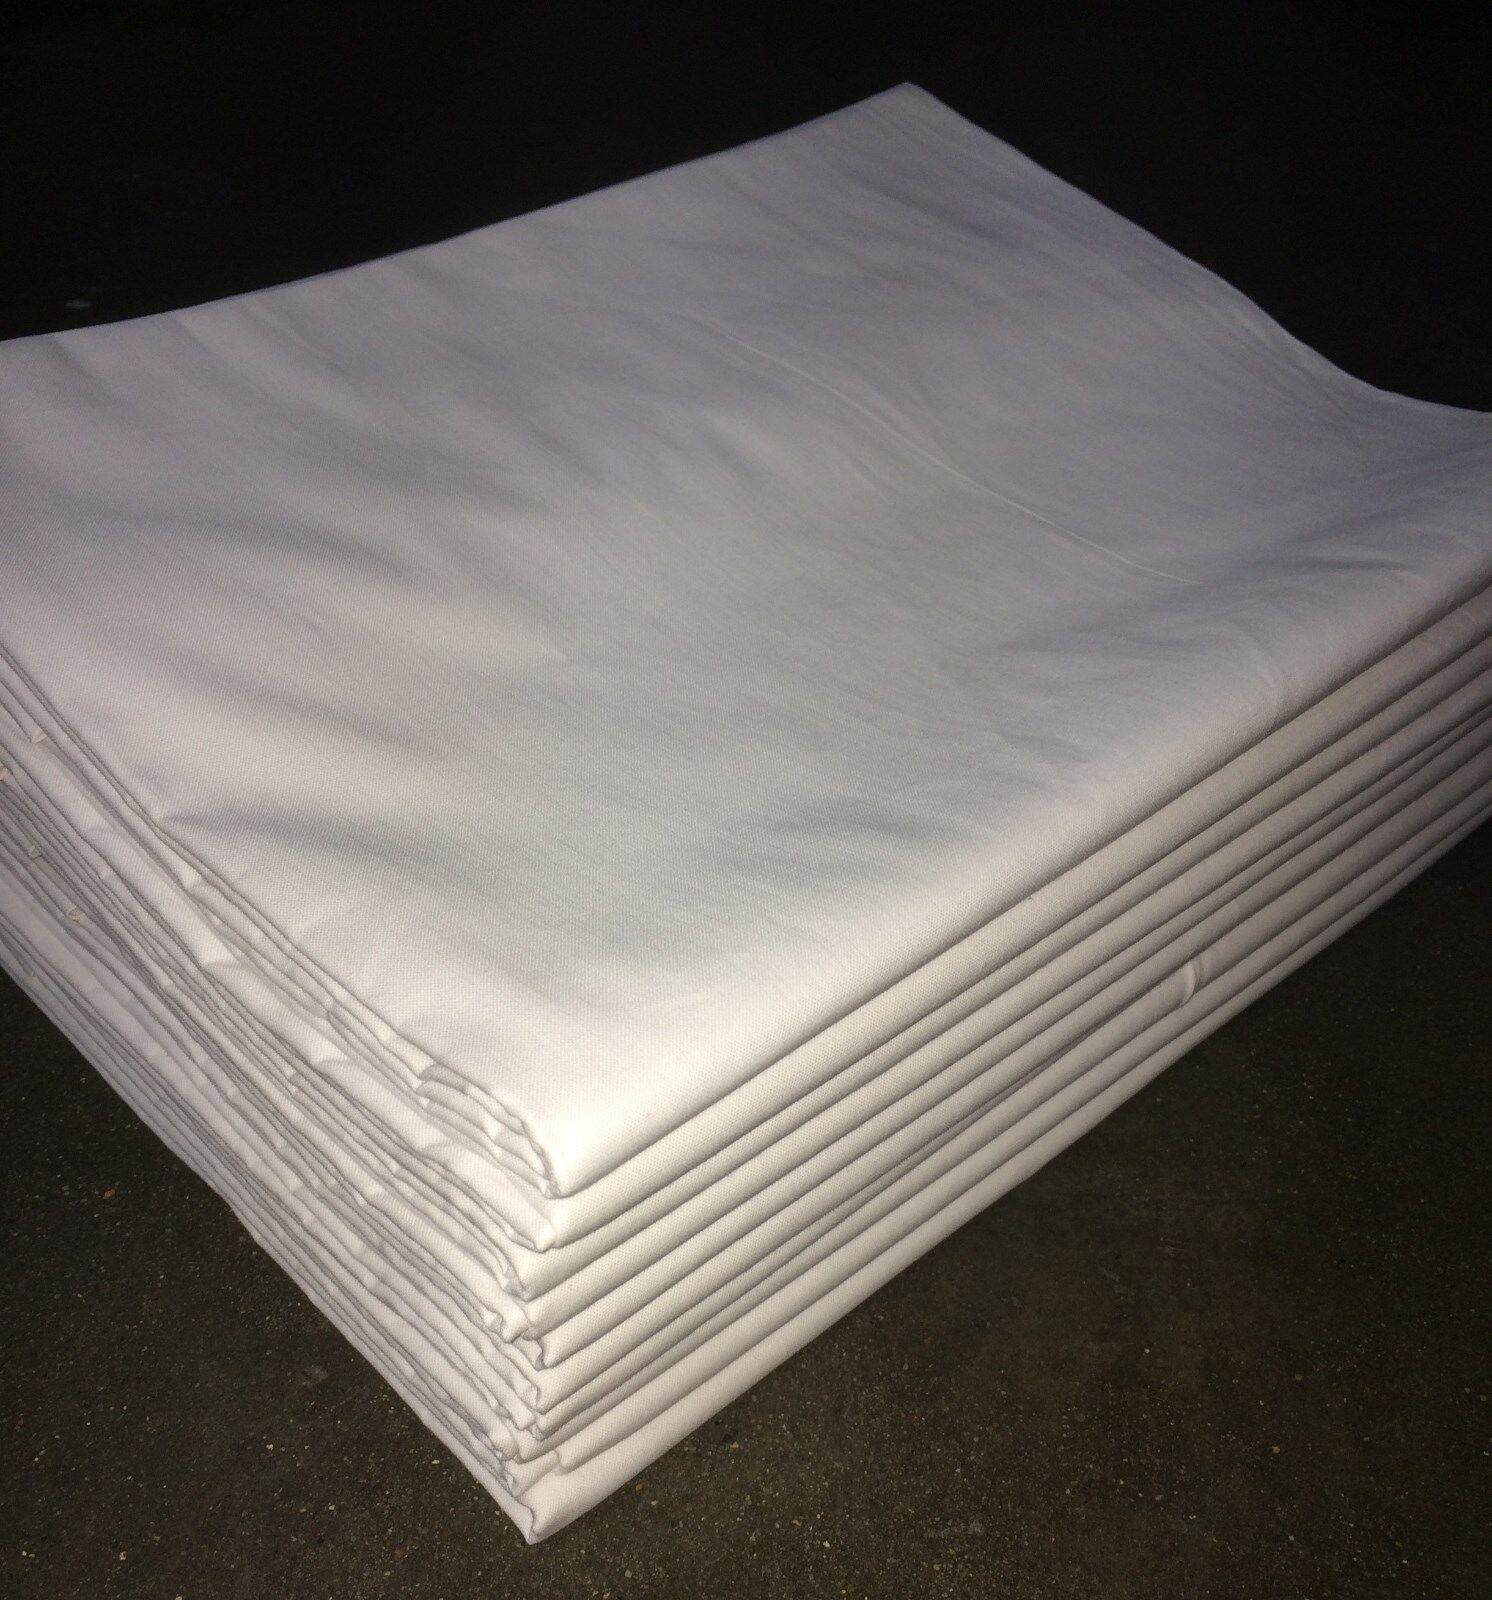 10x Bettlaken 150x250 cm 140 g m²  weiß Baumwolle Hotel-Qualität ohne Gummi